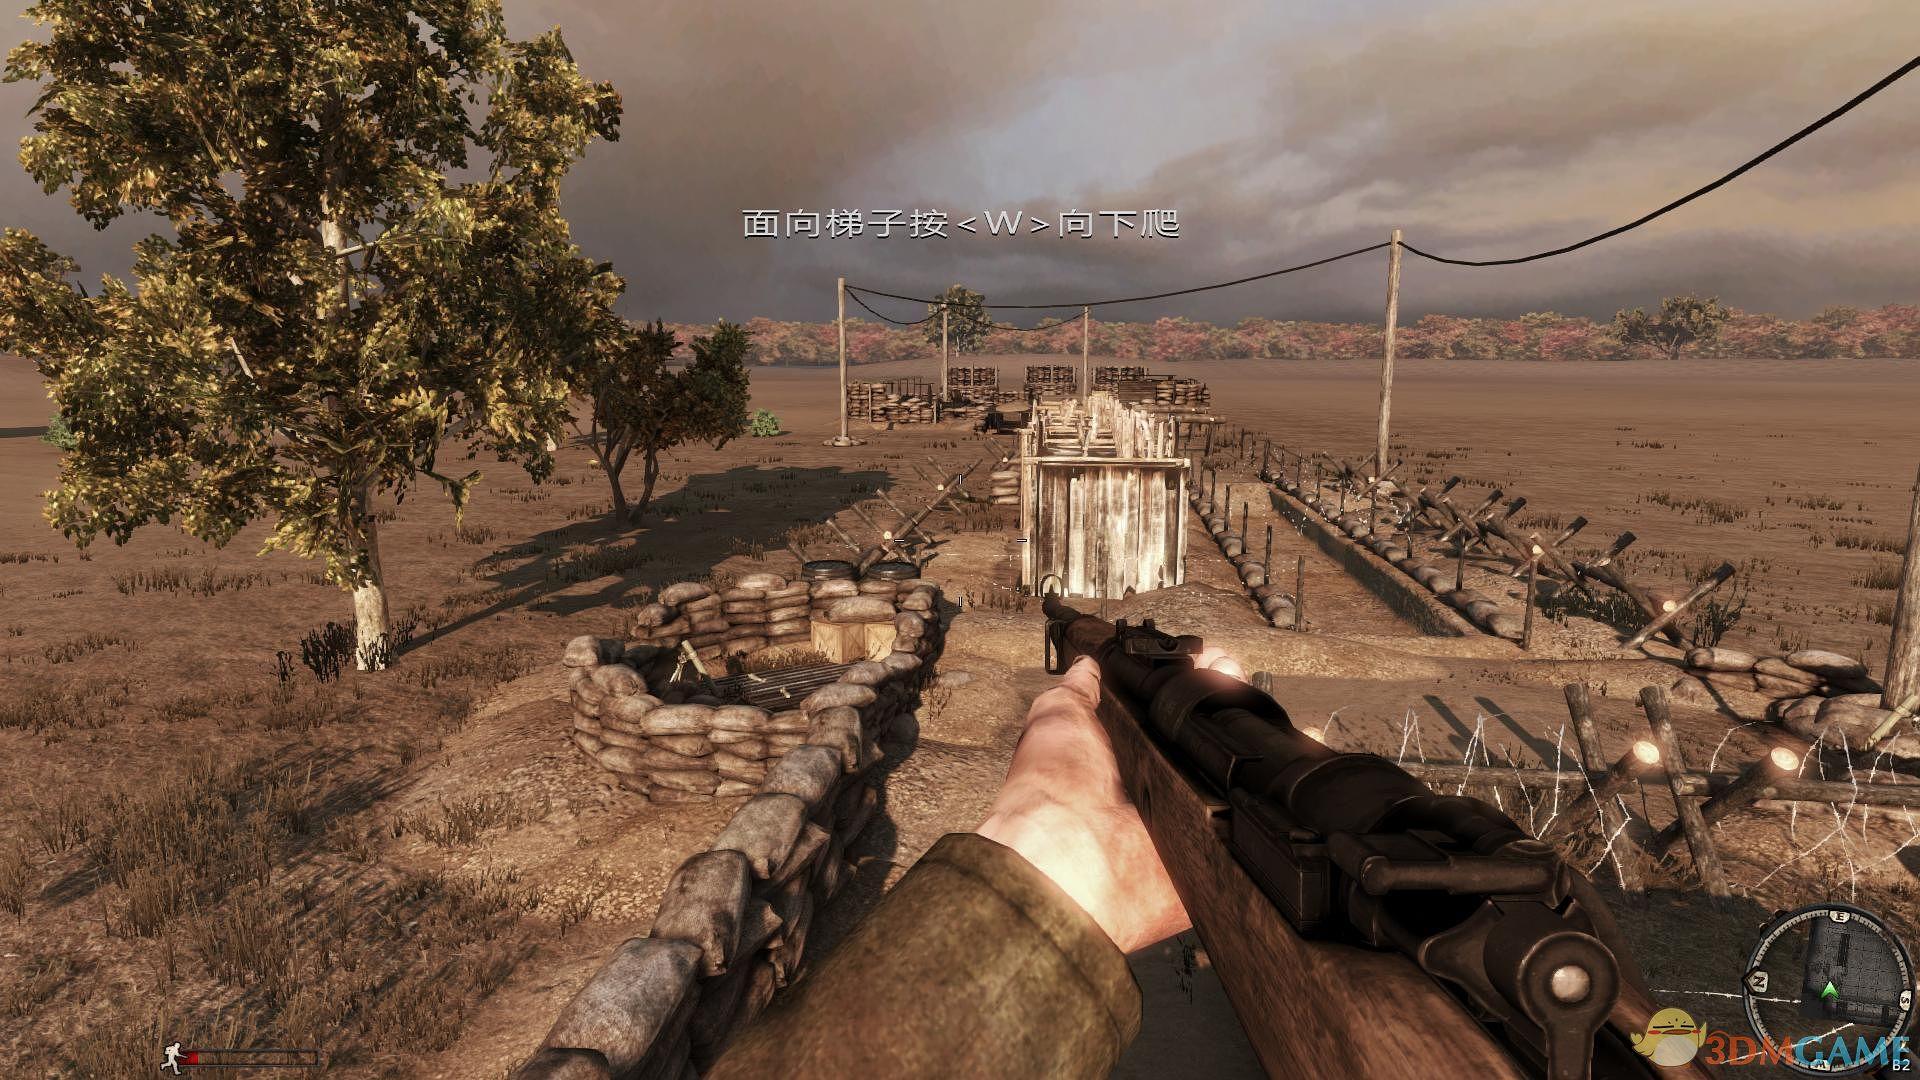 com/games/risingstorm/ 2.